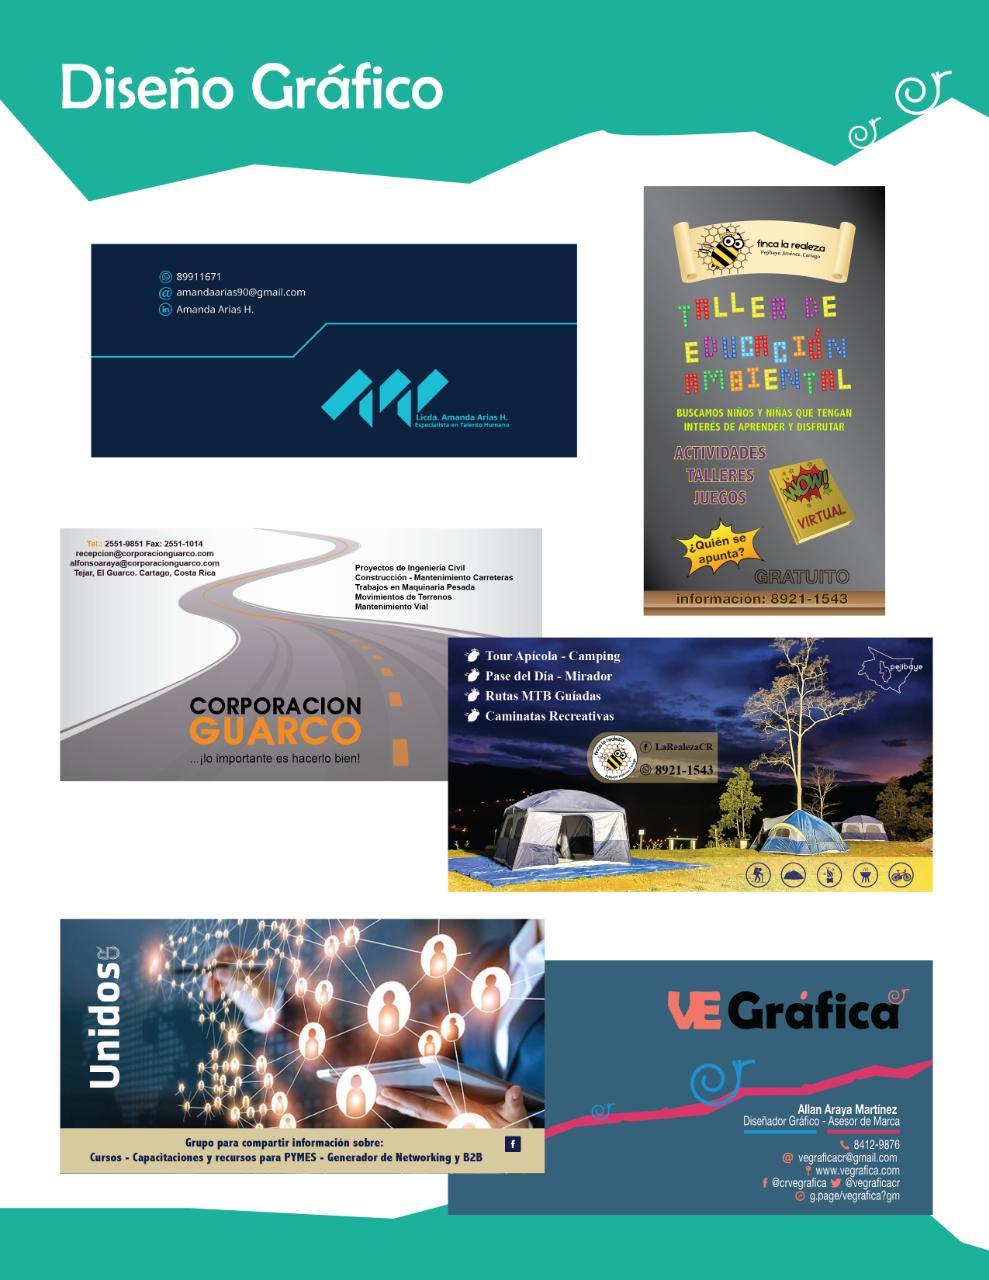 Diseño Gráfico para redes sociales, productos promocionales e impresión gran y pequeño formato.